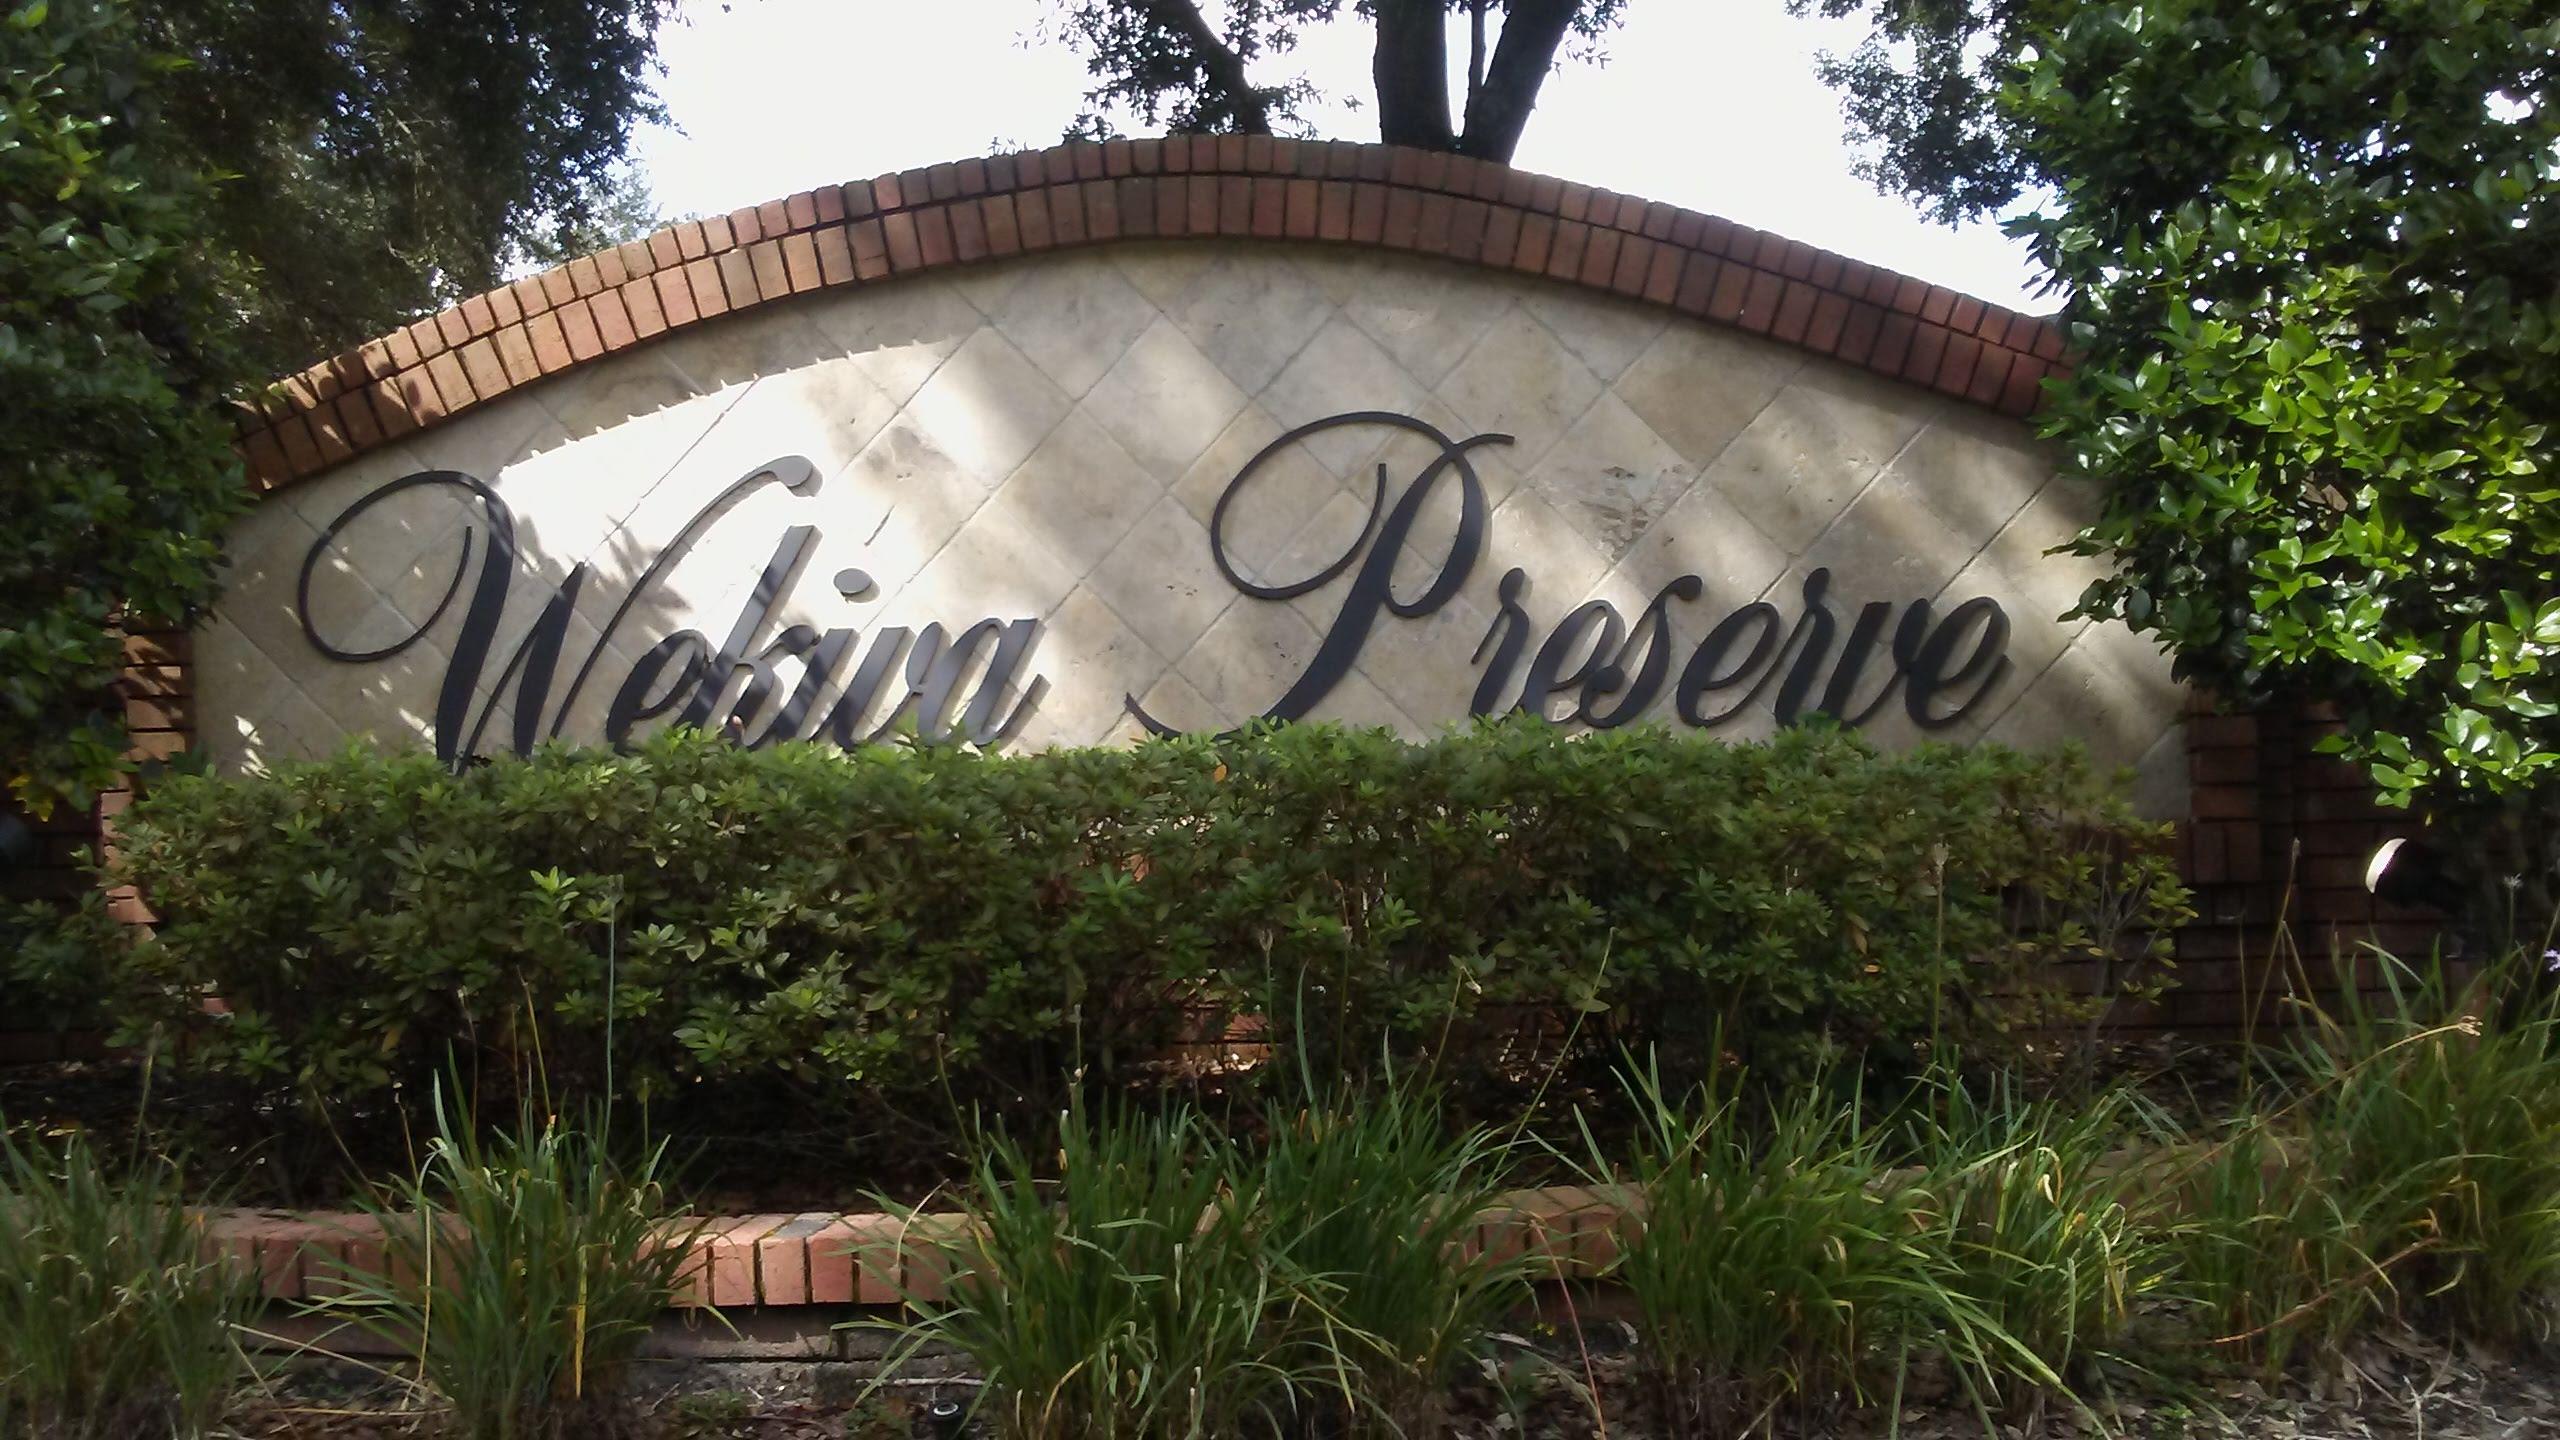 Wekiva Preserve, Apopka, Florida 32712